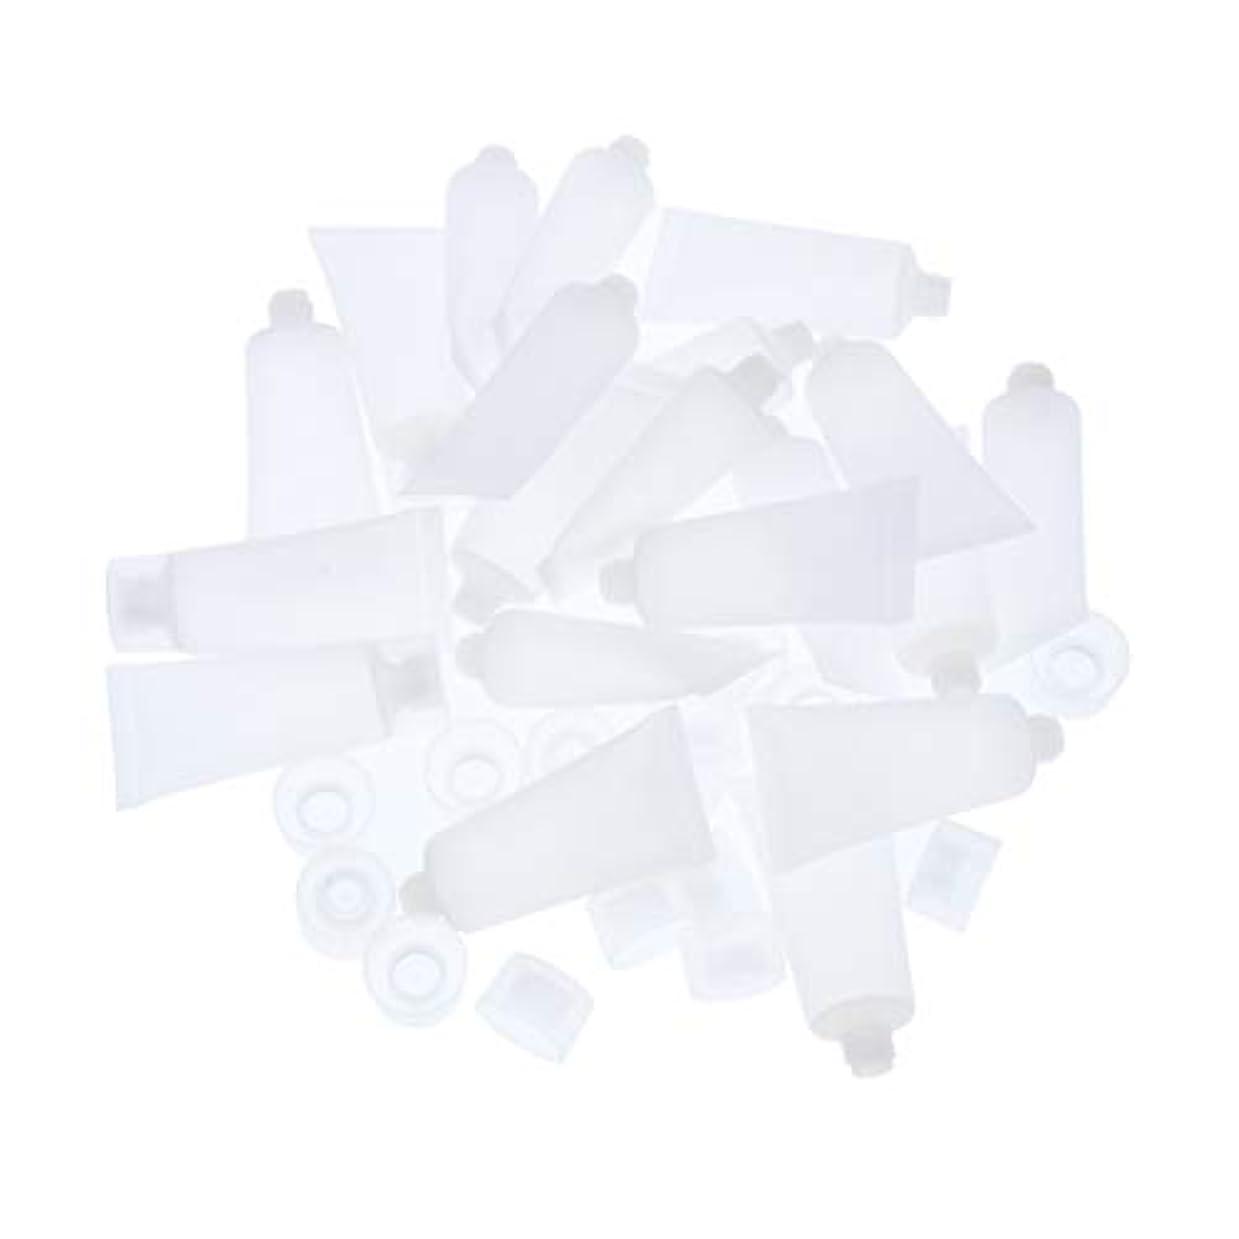 手入れ行商透過性Tachiuwa プラスチック 小分けボルト 化粧品ボルト クリームボルト 詰替え容器 旅行用品 約20個 全4サイズ - 20ml